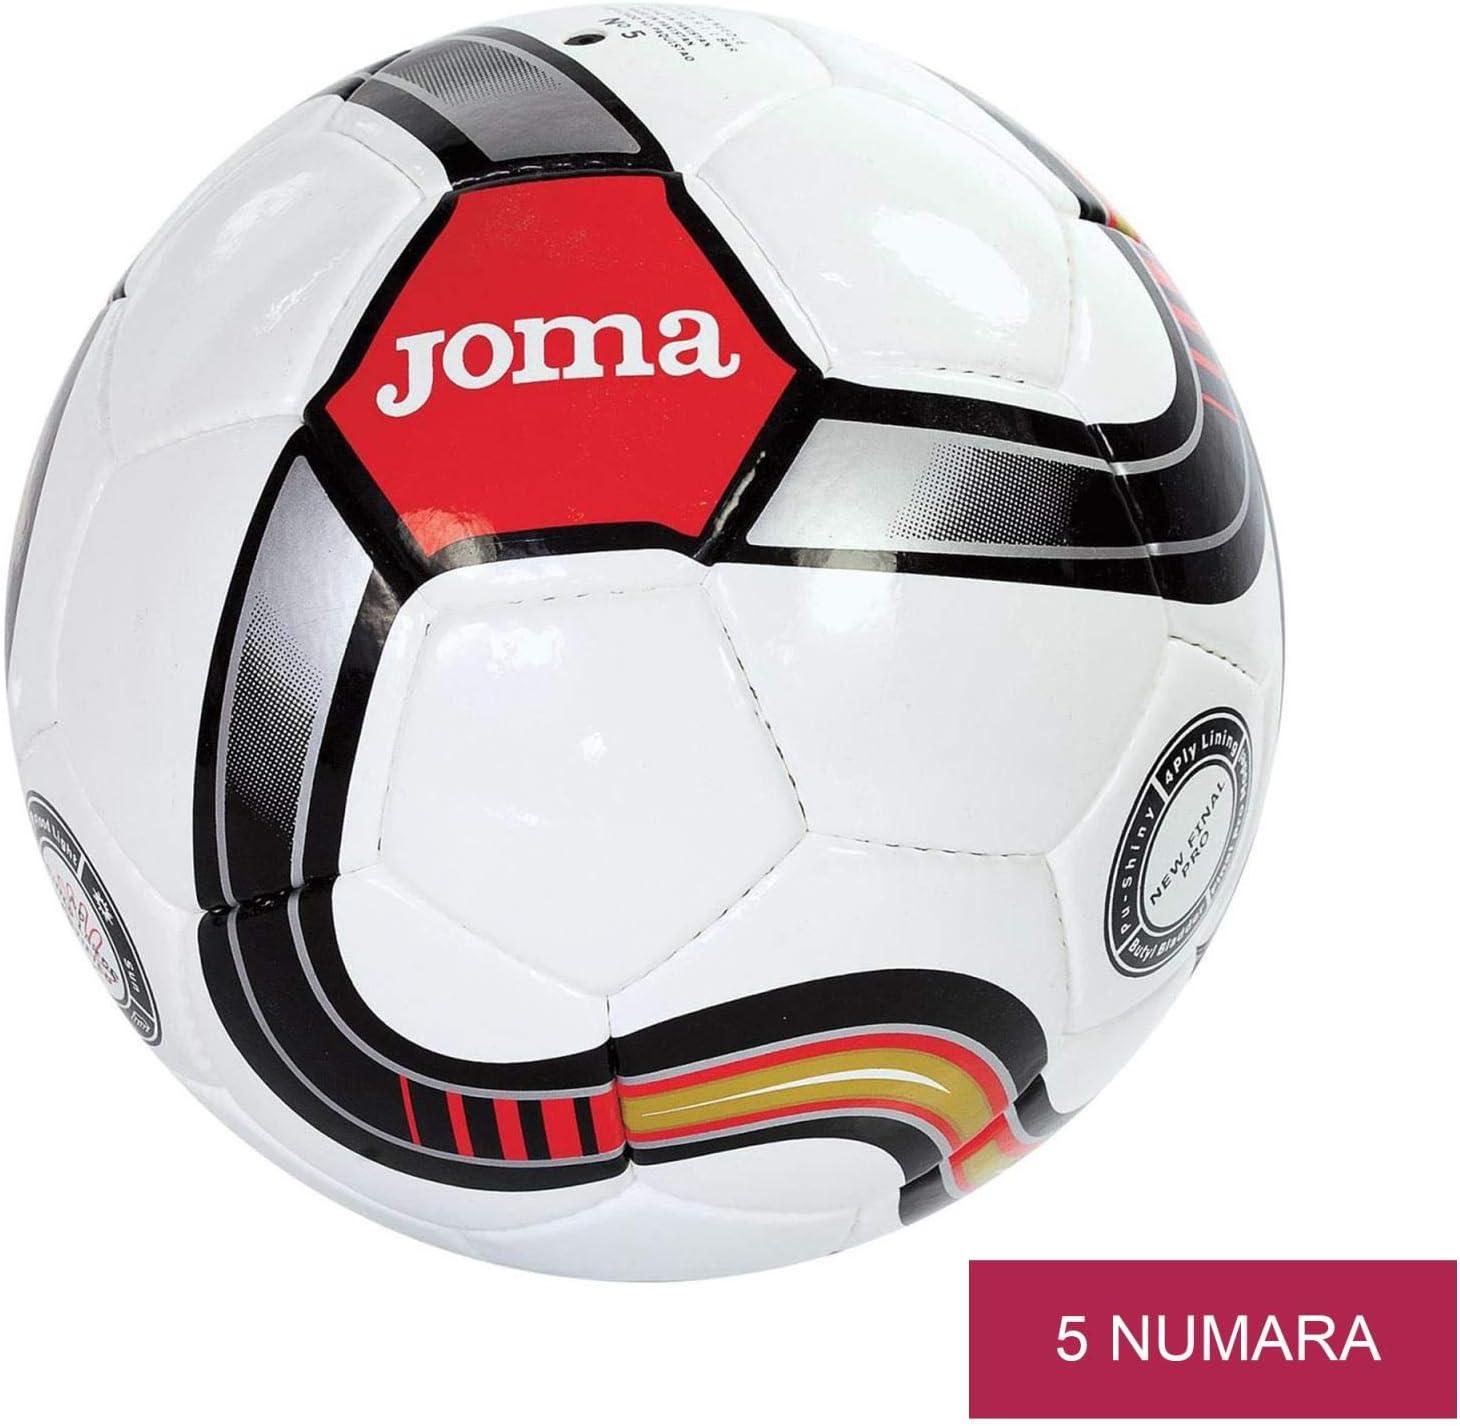 Joma - Balon Flame t5 Blanco-Rojo Pack 12: Amazon.es: Deportes y ...